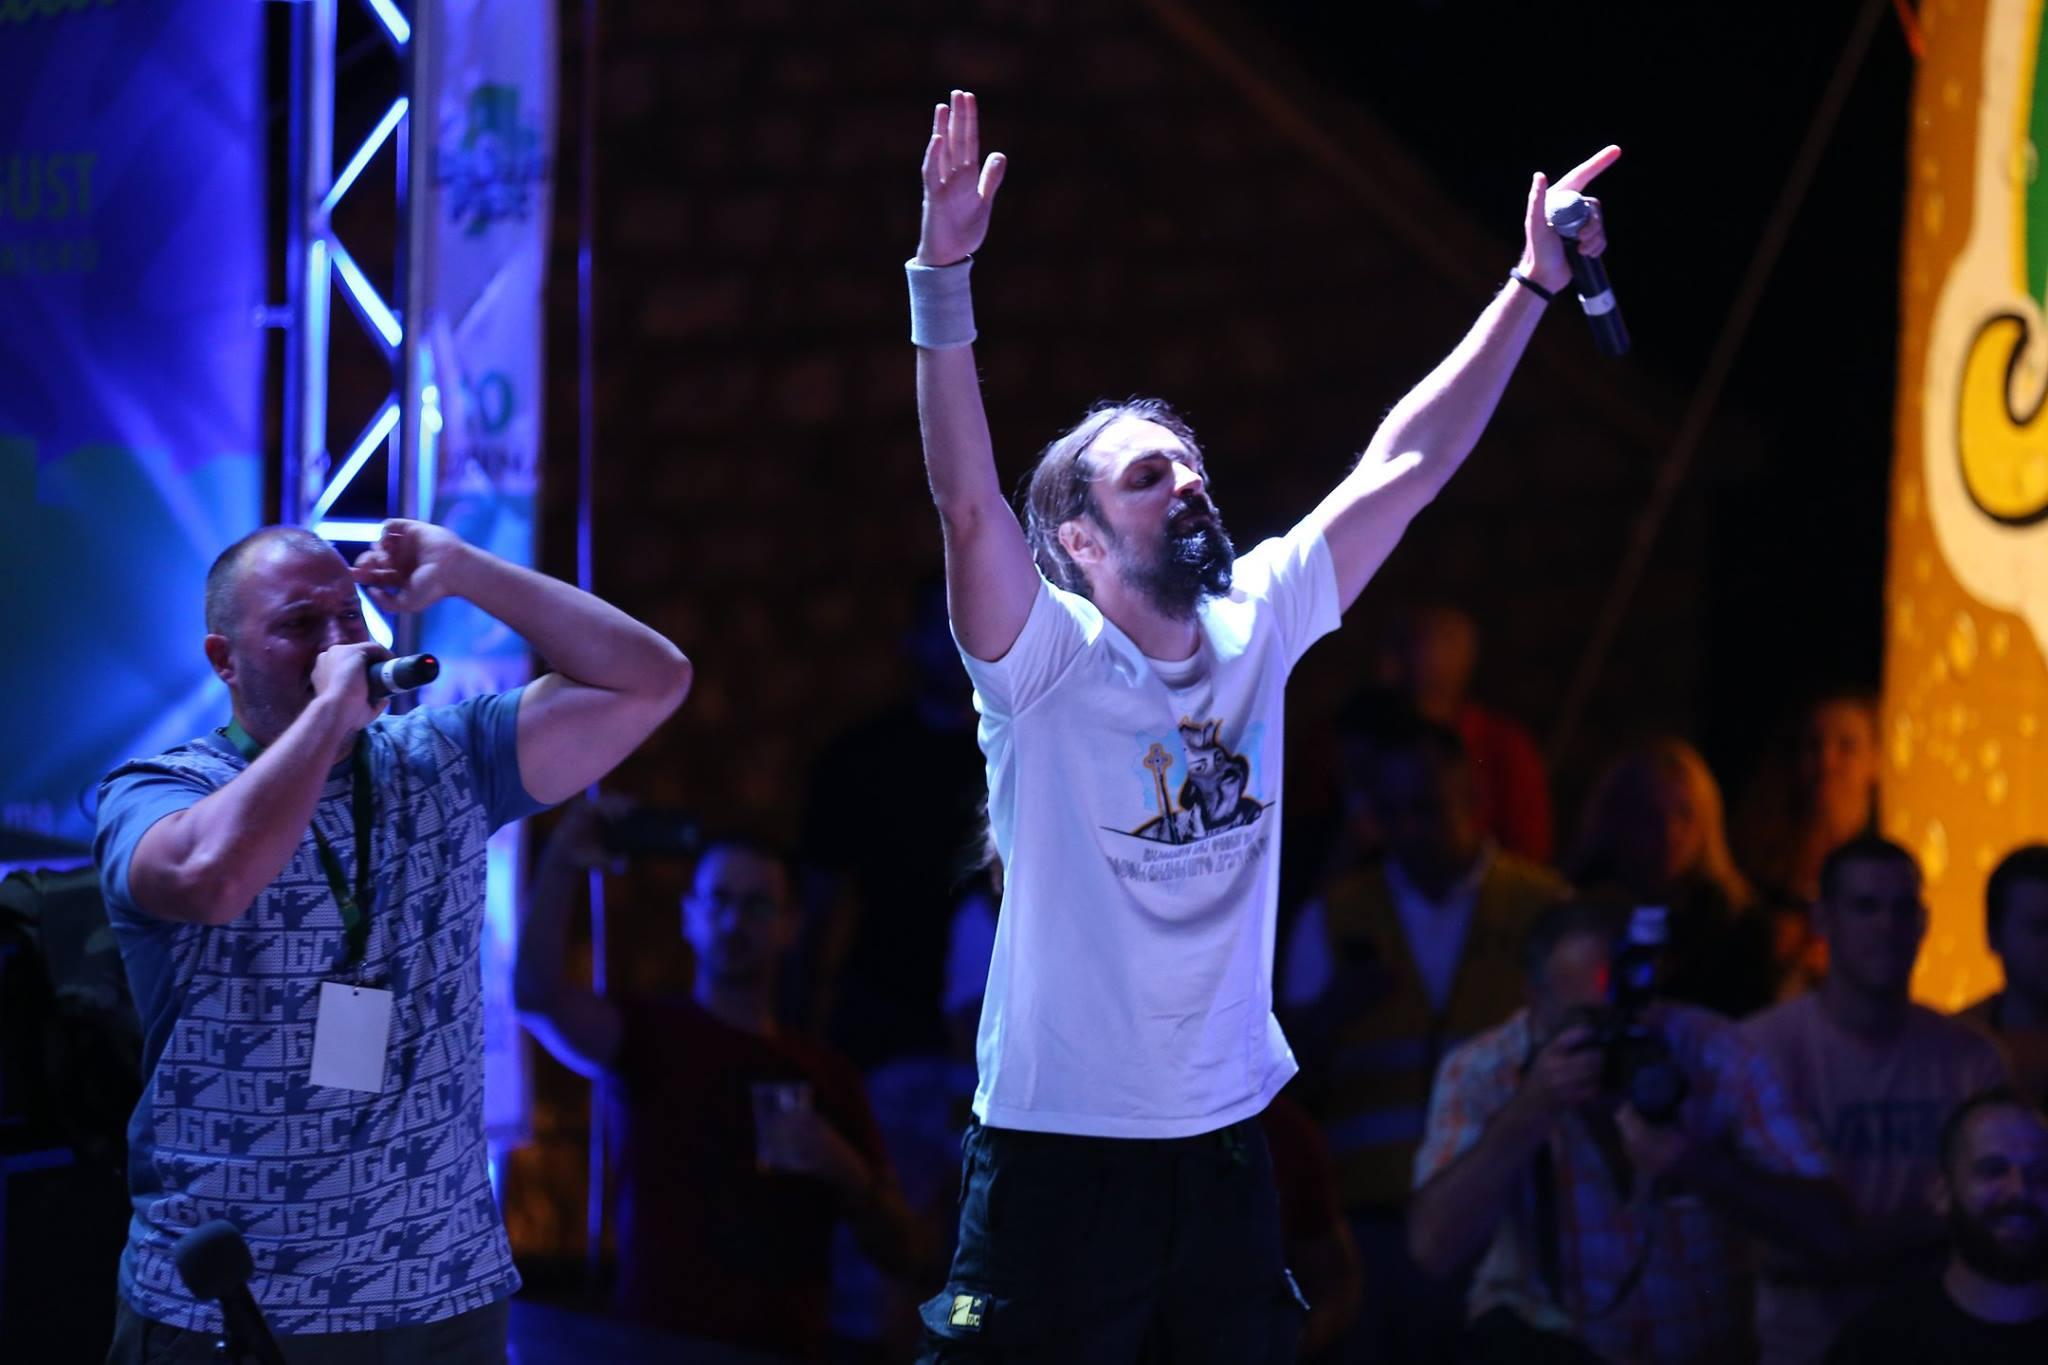 Beogradski sindikat/Photo: facebook@bedemfest